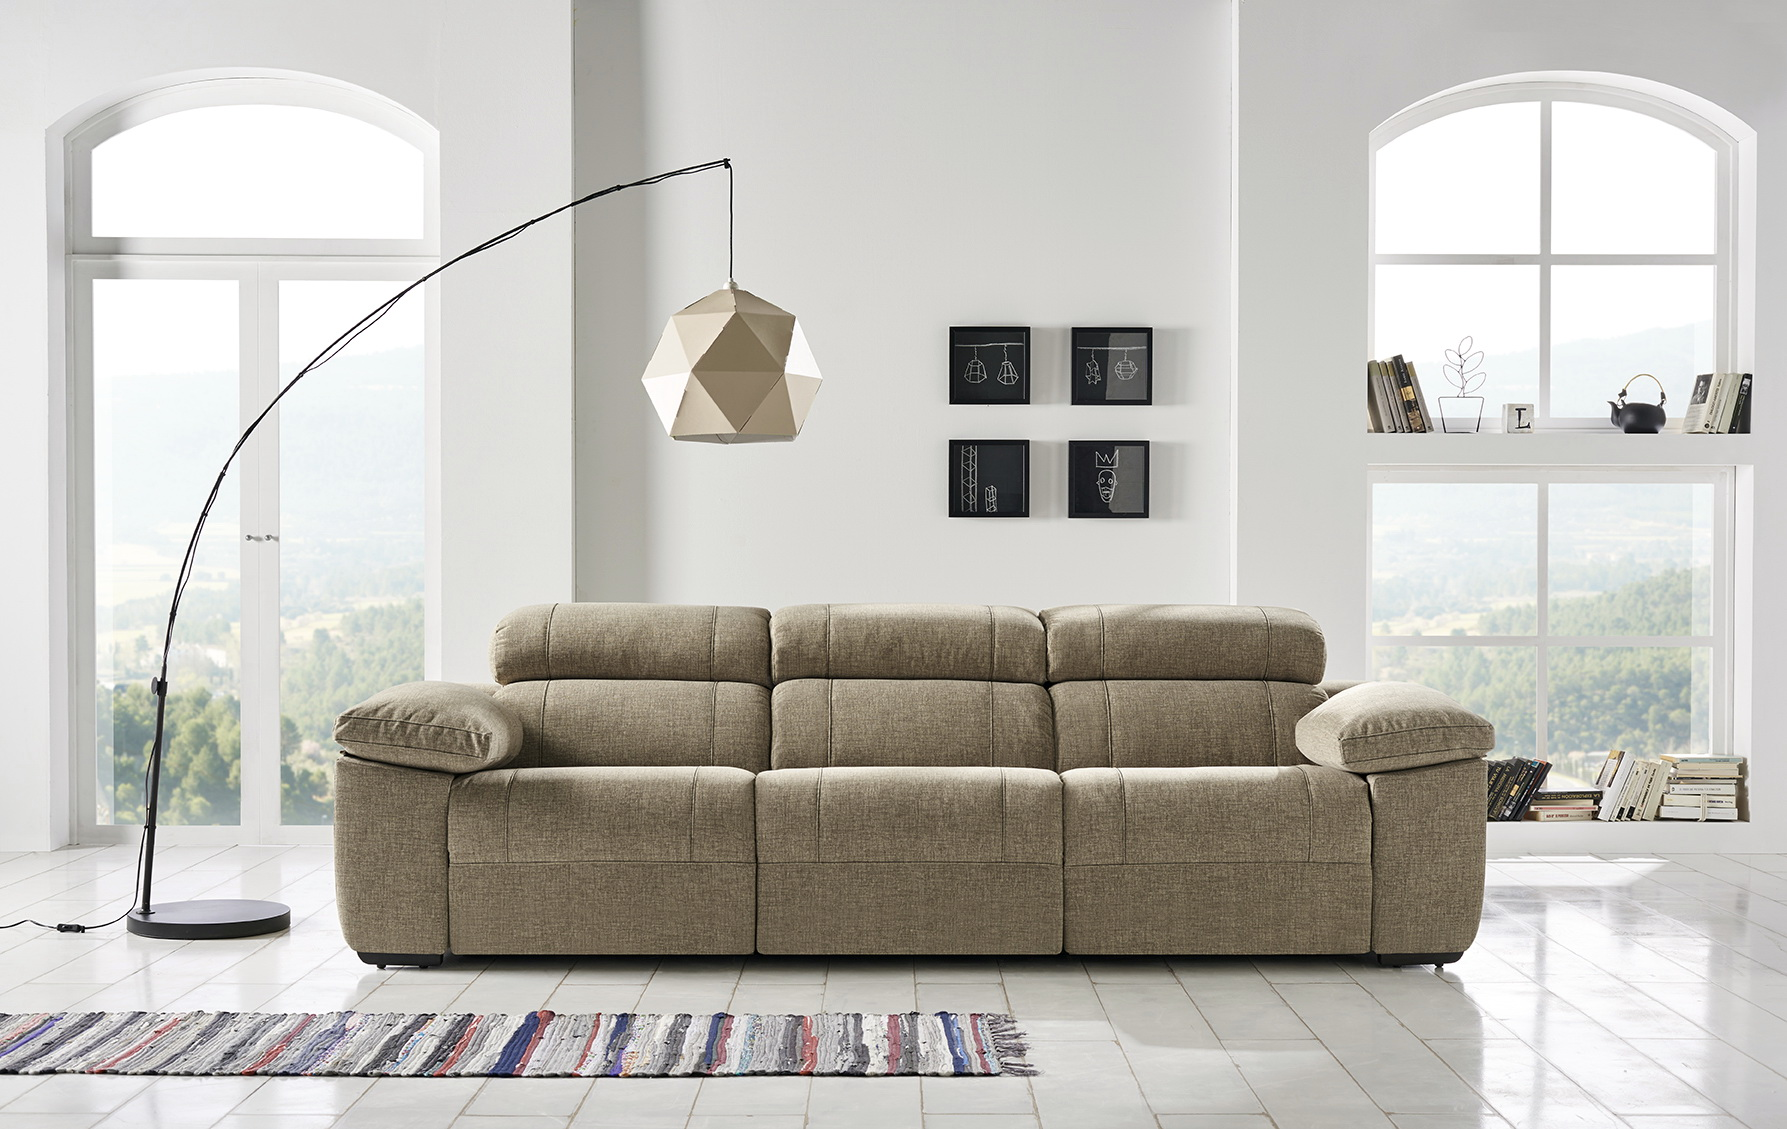 Tiendas De Muebles Leon Armarios Artculo Textil Camas Centros  # Muebles Tamarindo Leon Gto